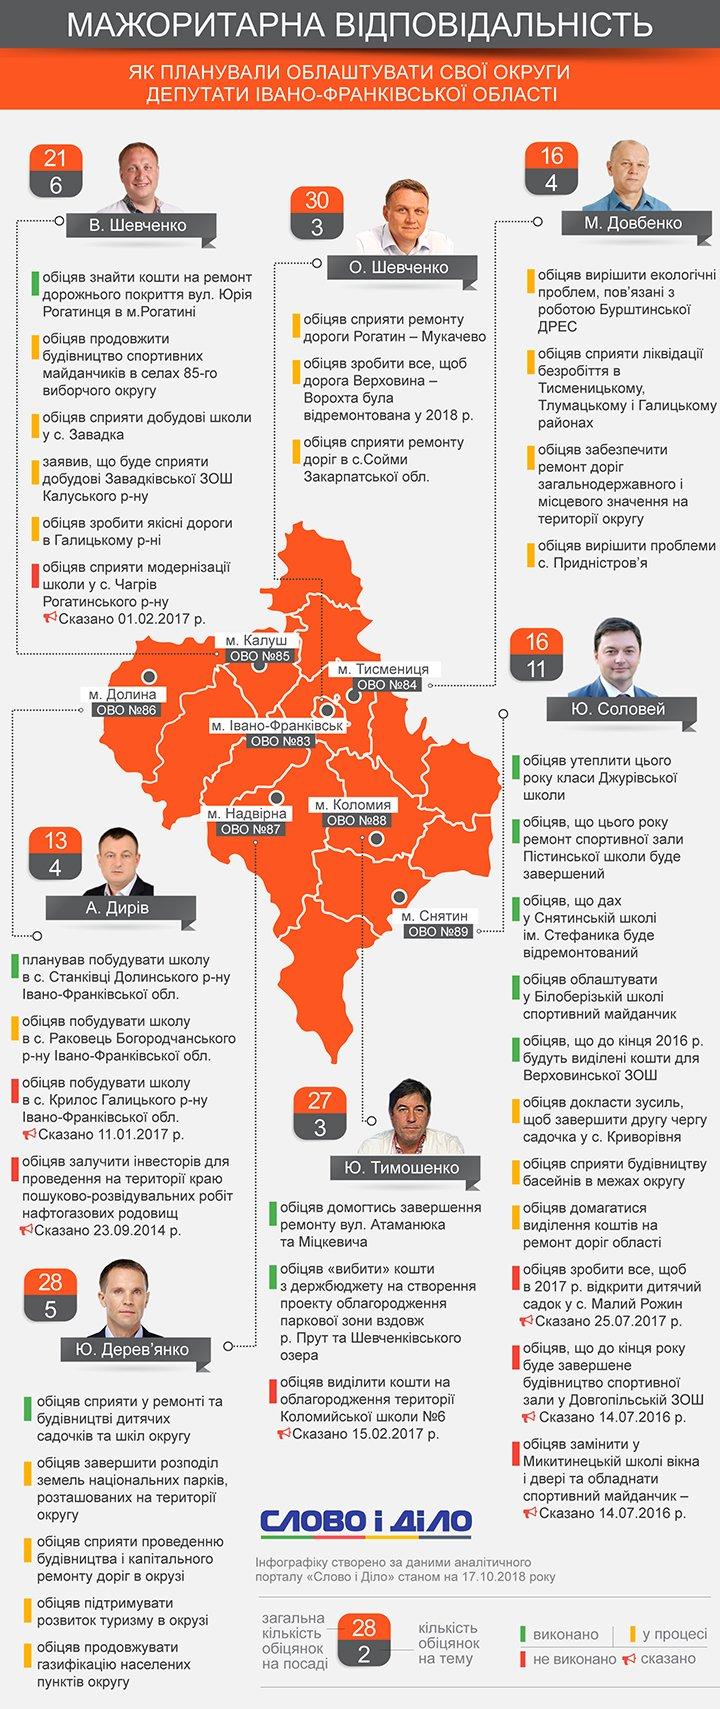 Соловей ремонтував школи й будував садочки, Дирів шукав інвесторів для нафтової галузі краю, Шевченко обіцяв ремонтувати дороги.